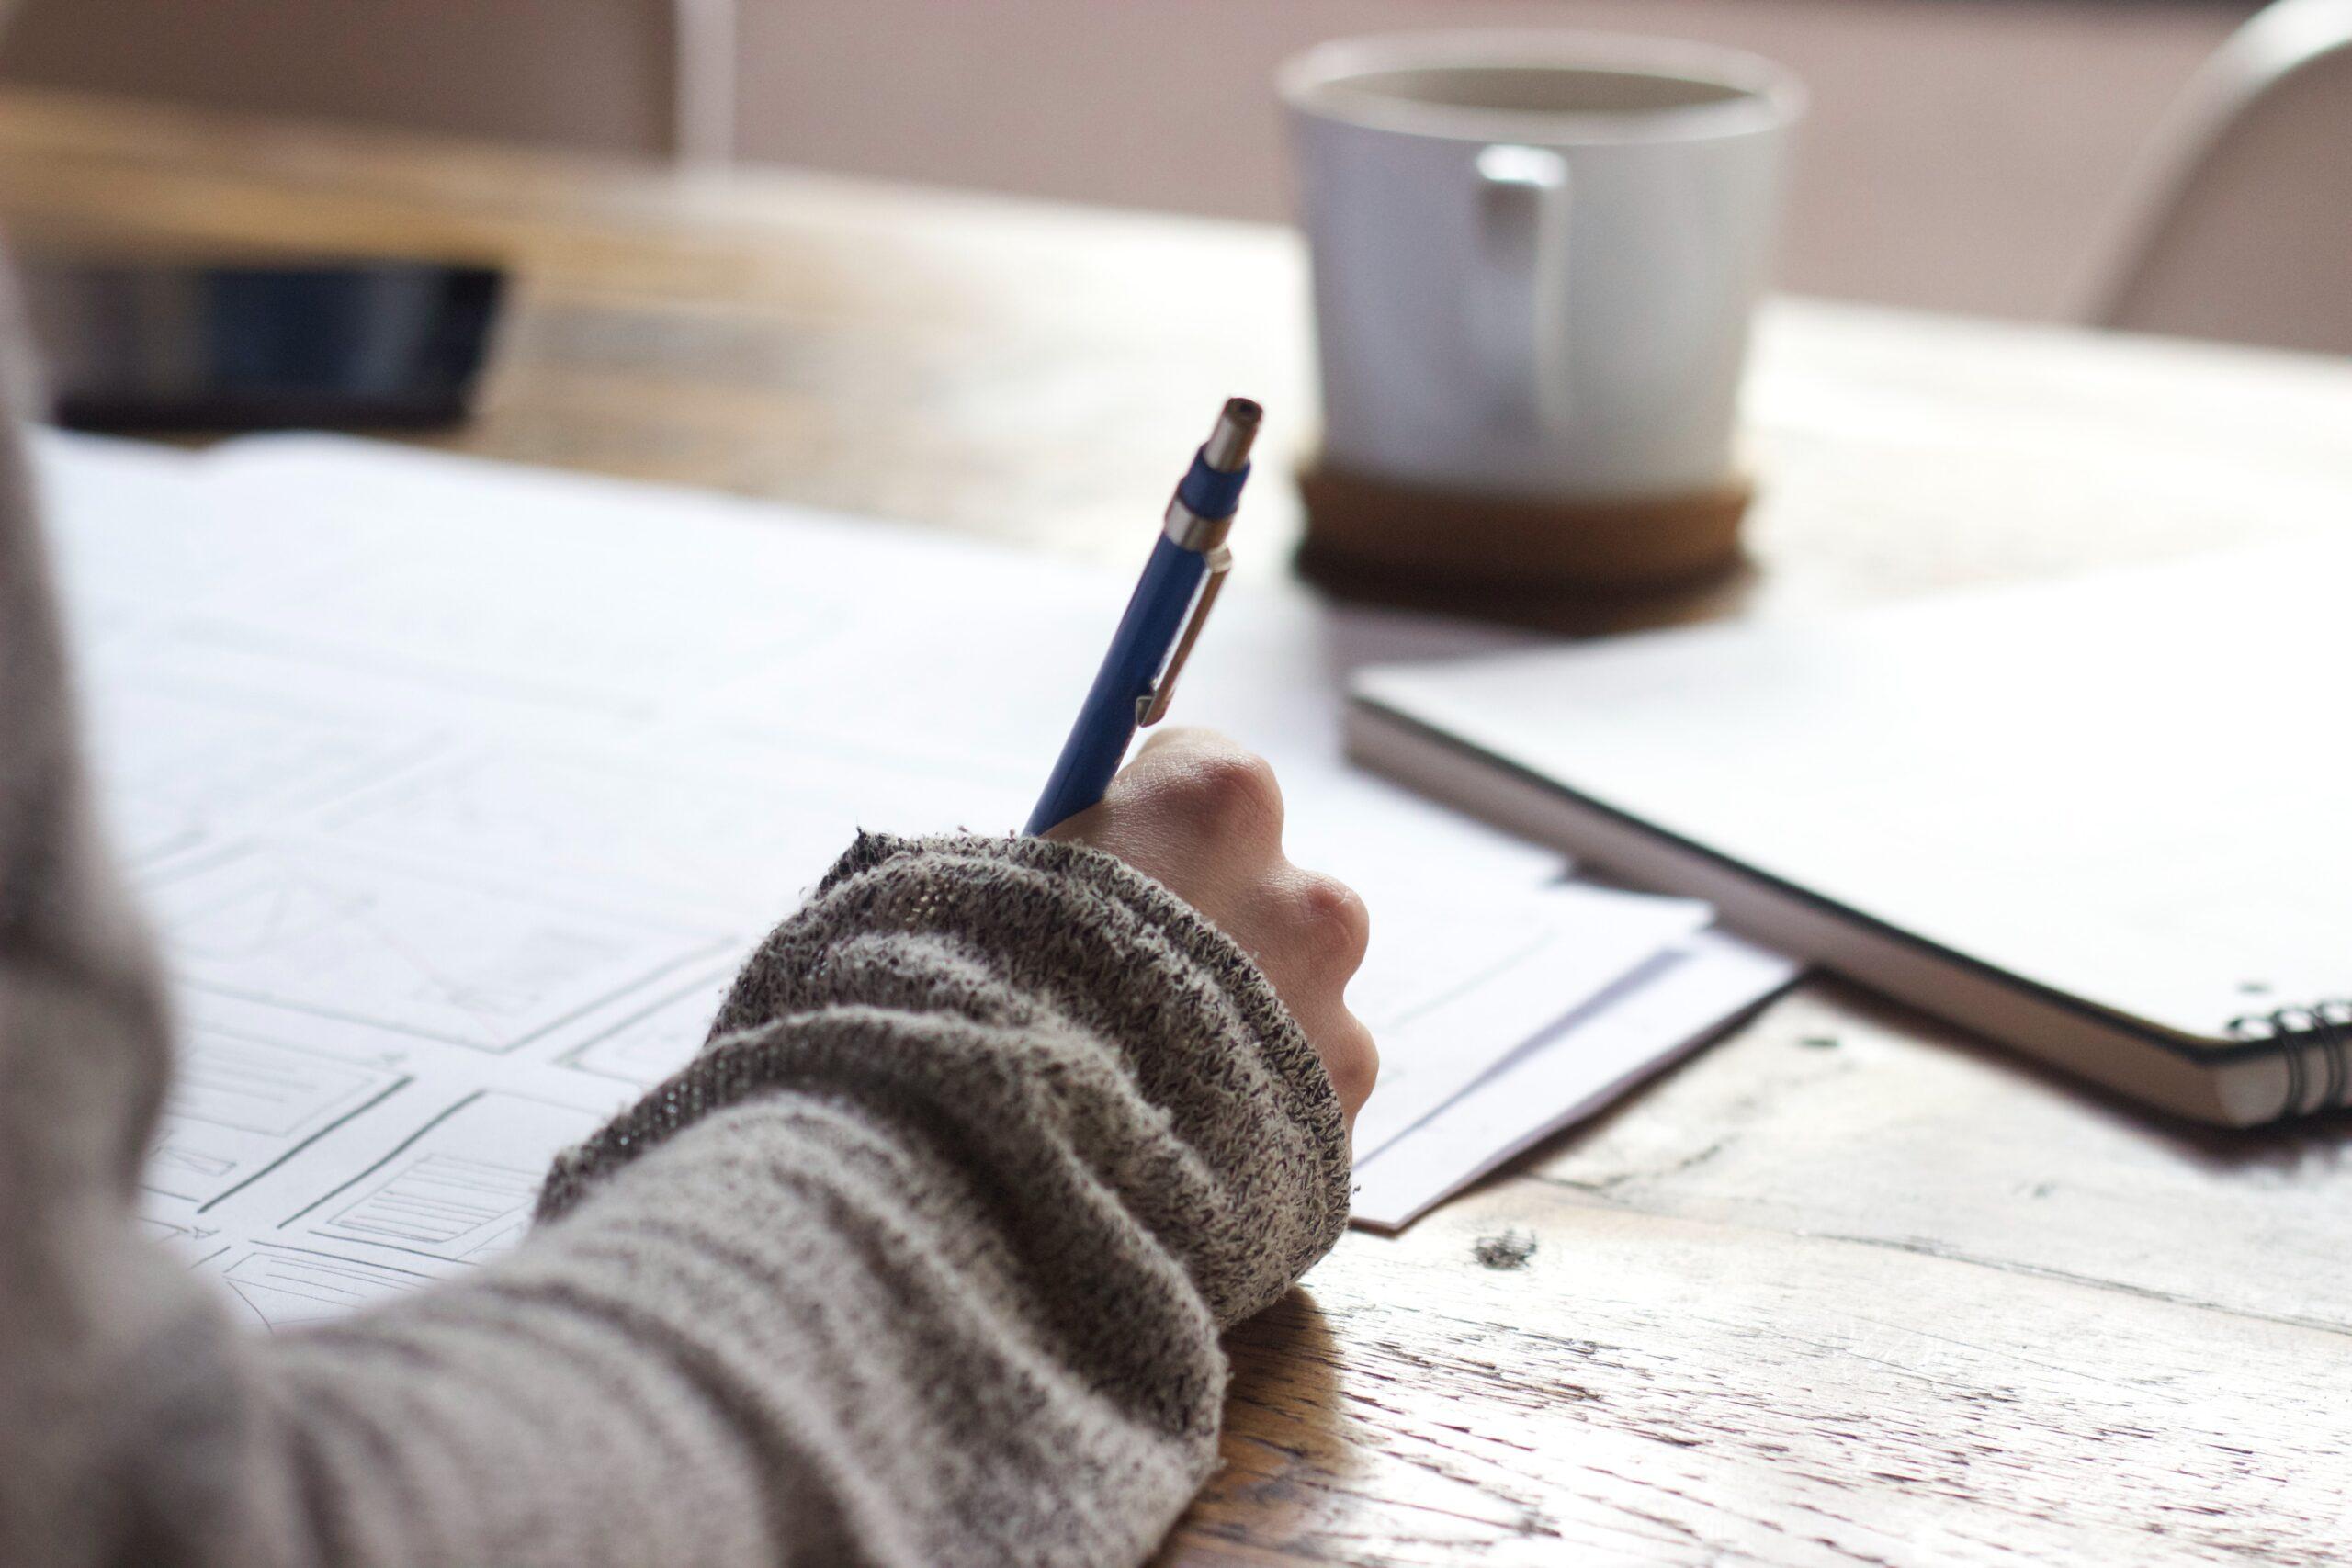 Страх перед экзаменами. Как обрести уверенность